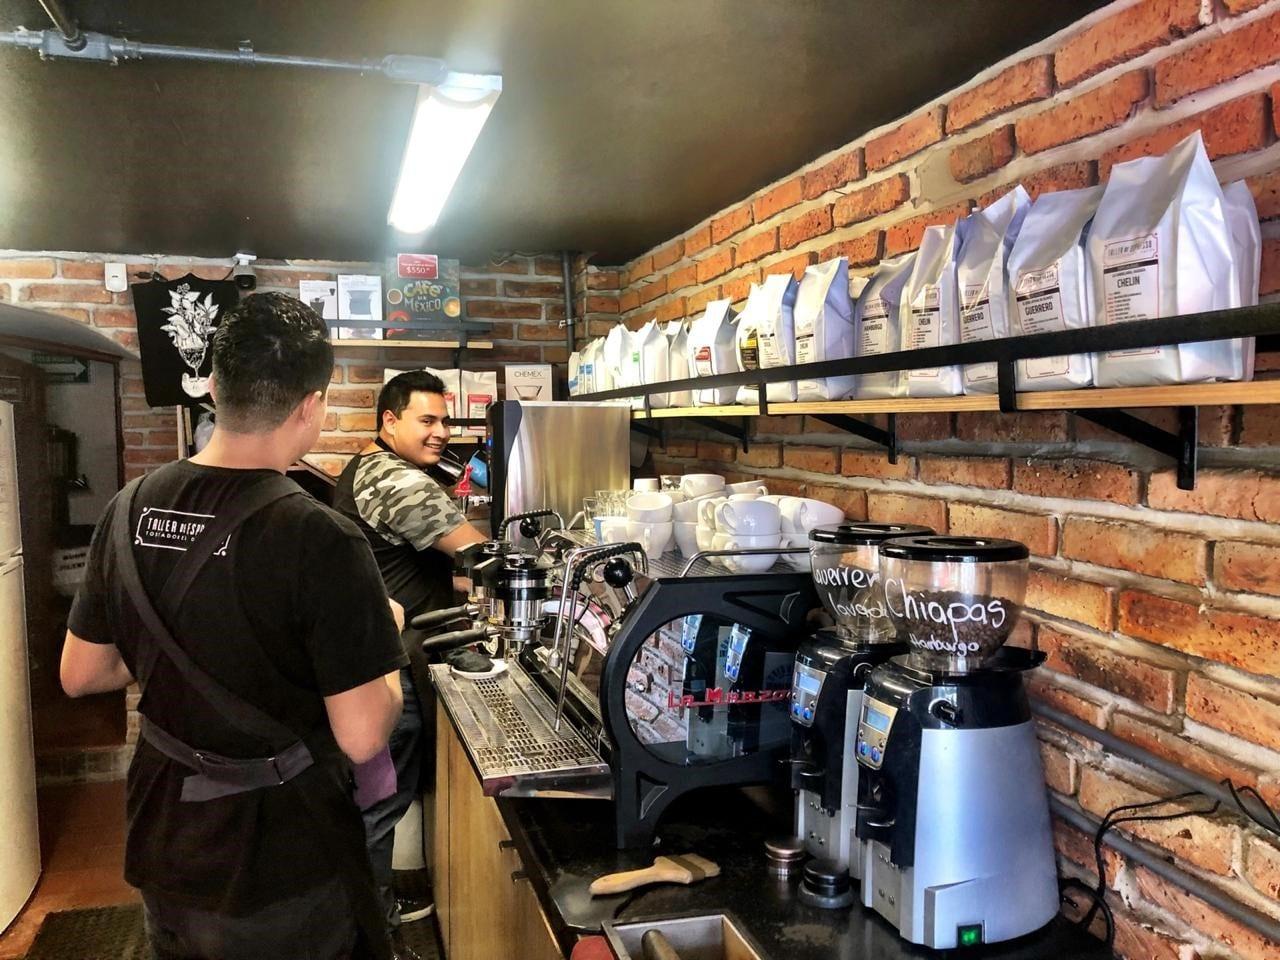 Baristas detras de una barra preparando cafes